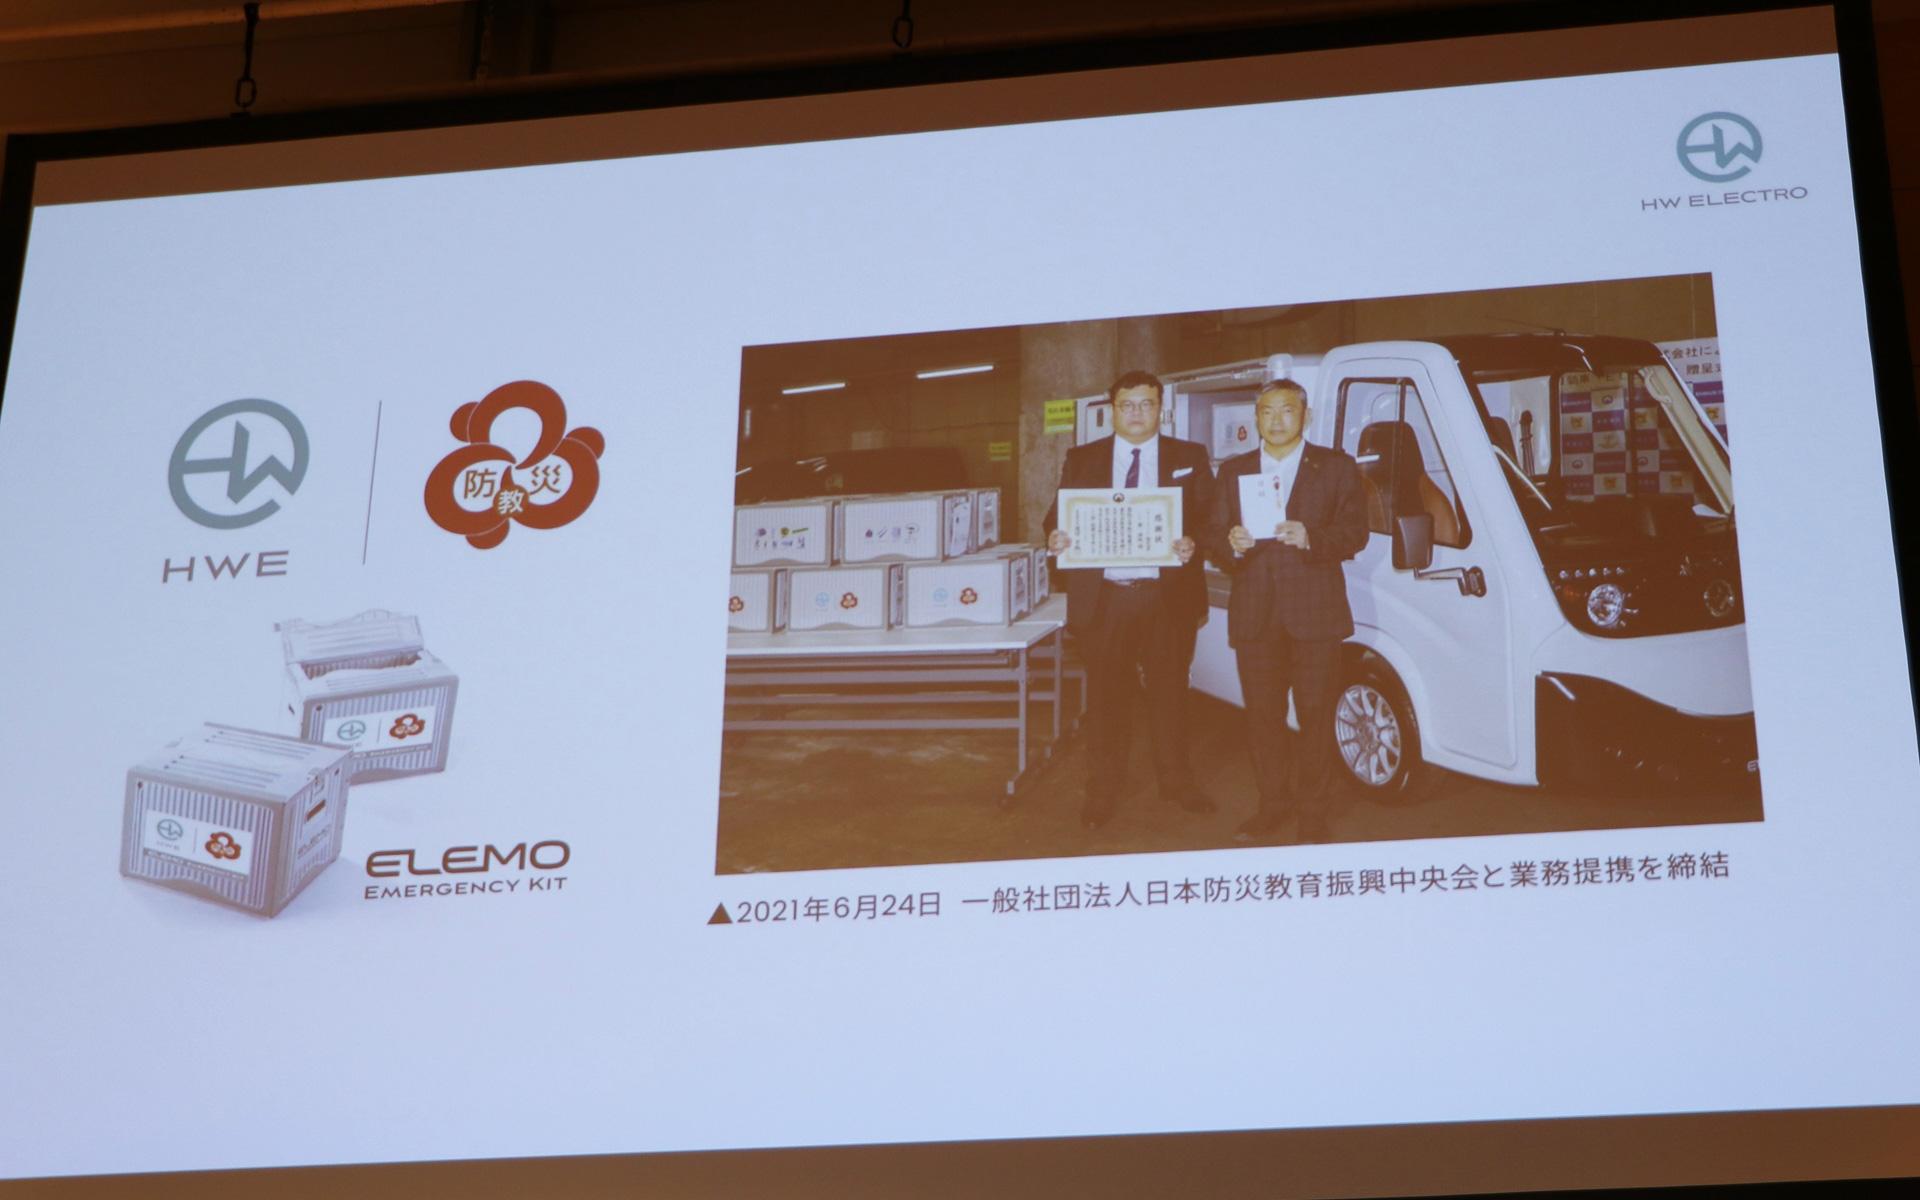 千葉県木更津市に災害用の支援車両としてエレモを寄贈